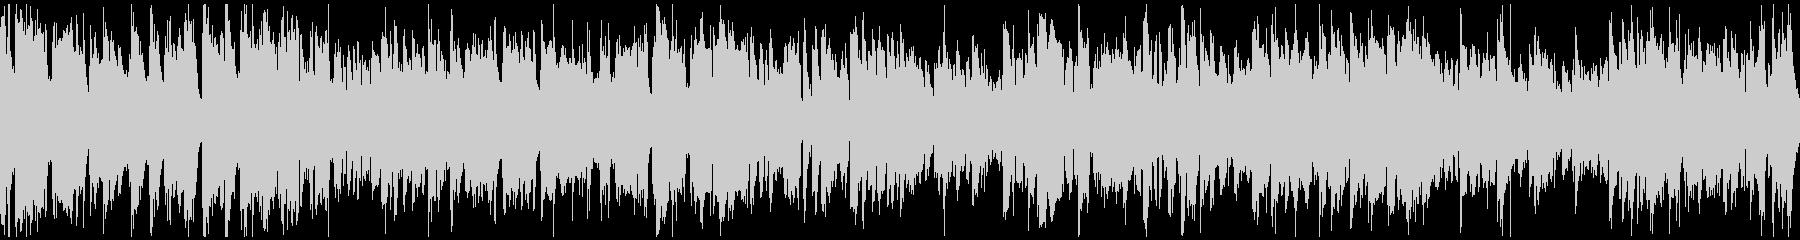 カジノ系ジャズ、明るいブルース※ループ版の未再生の波形